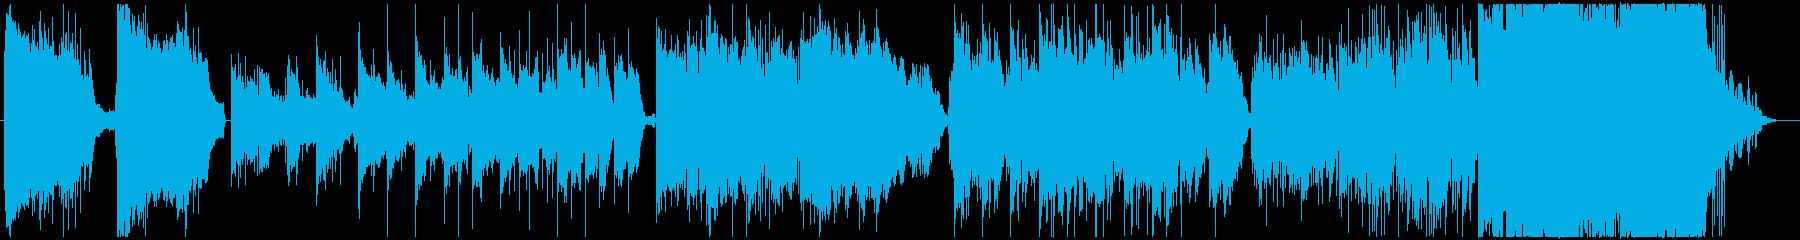 神秘的、幻想的なクワイア入りのBGMの再生済みの波形